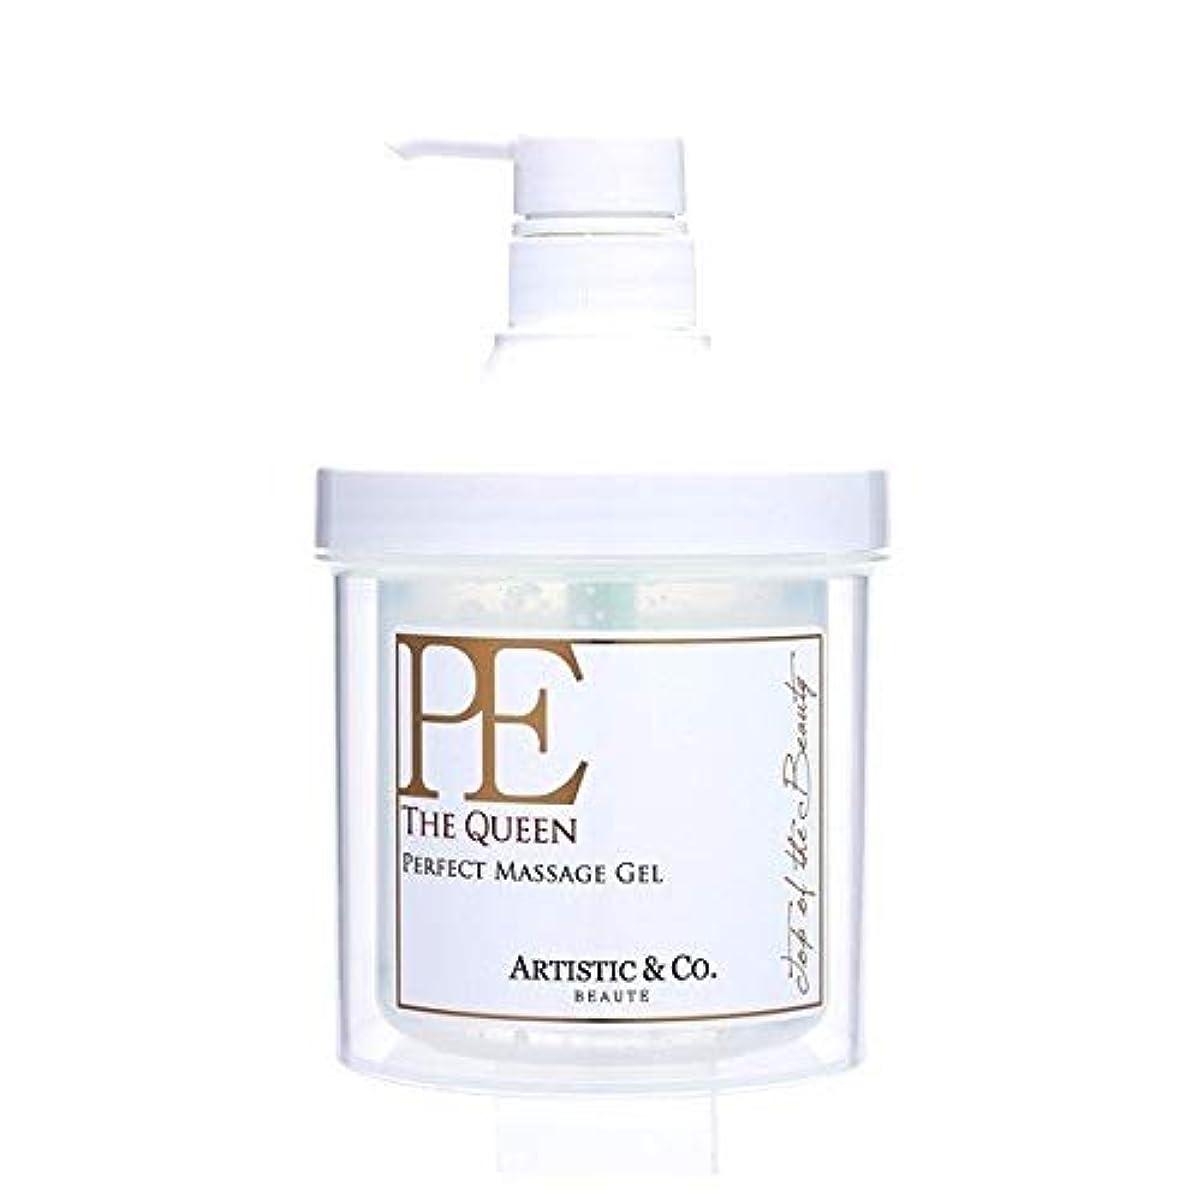 に付ける避ける商標Dr. Arrivo(アリーヴォ)シリーズ専用美容液 PE THE QUEEN PERFECT MASSAGE GEL P.Eザクイーン パーフェクト マッサージジェル 500g